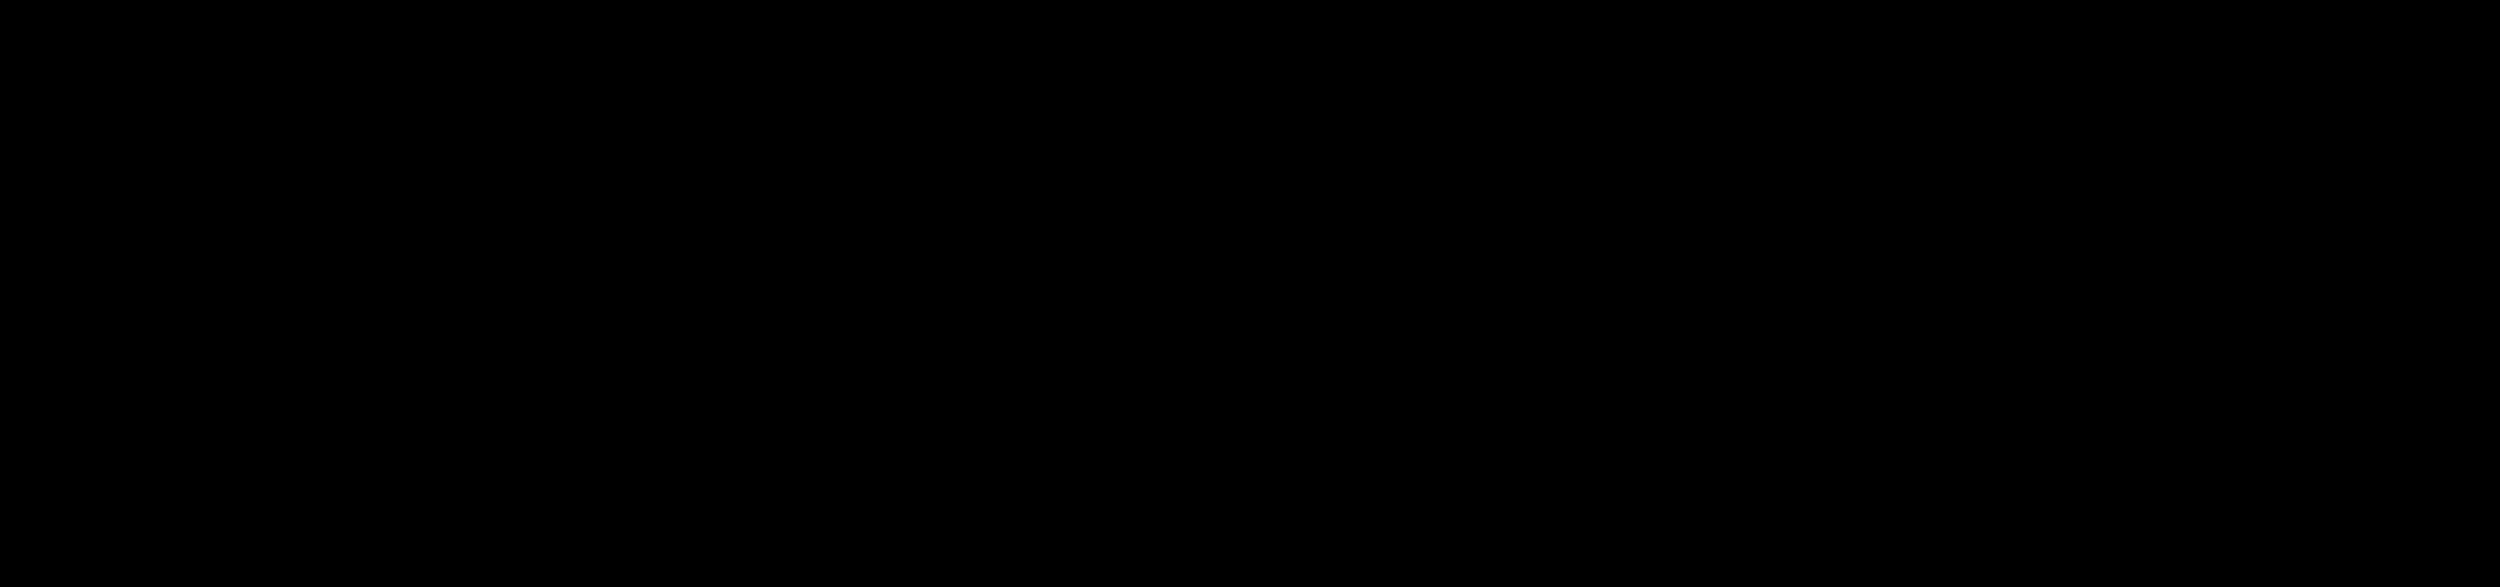 Nodspark_Logo_big black.png